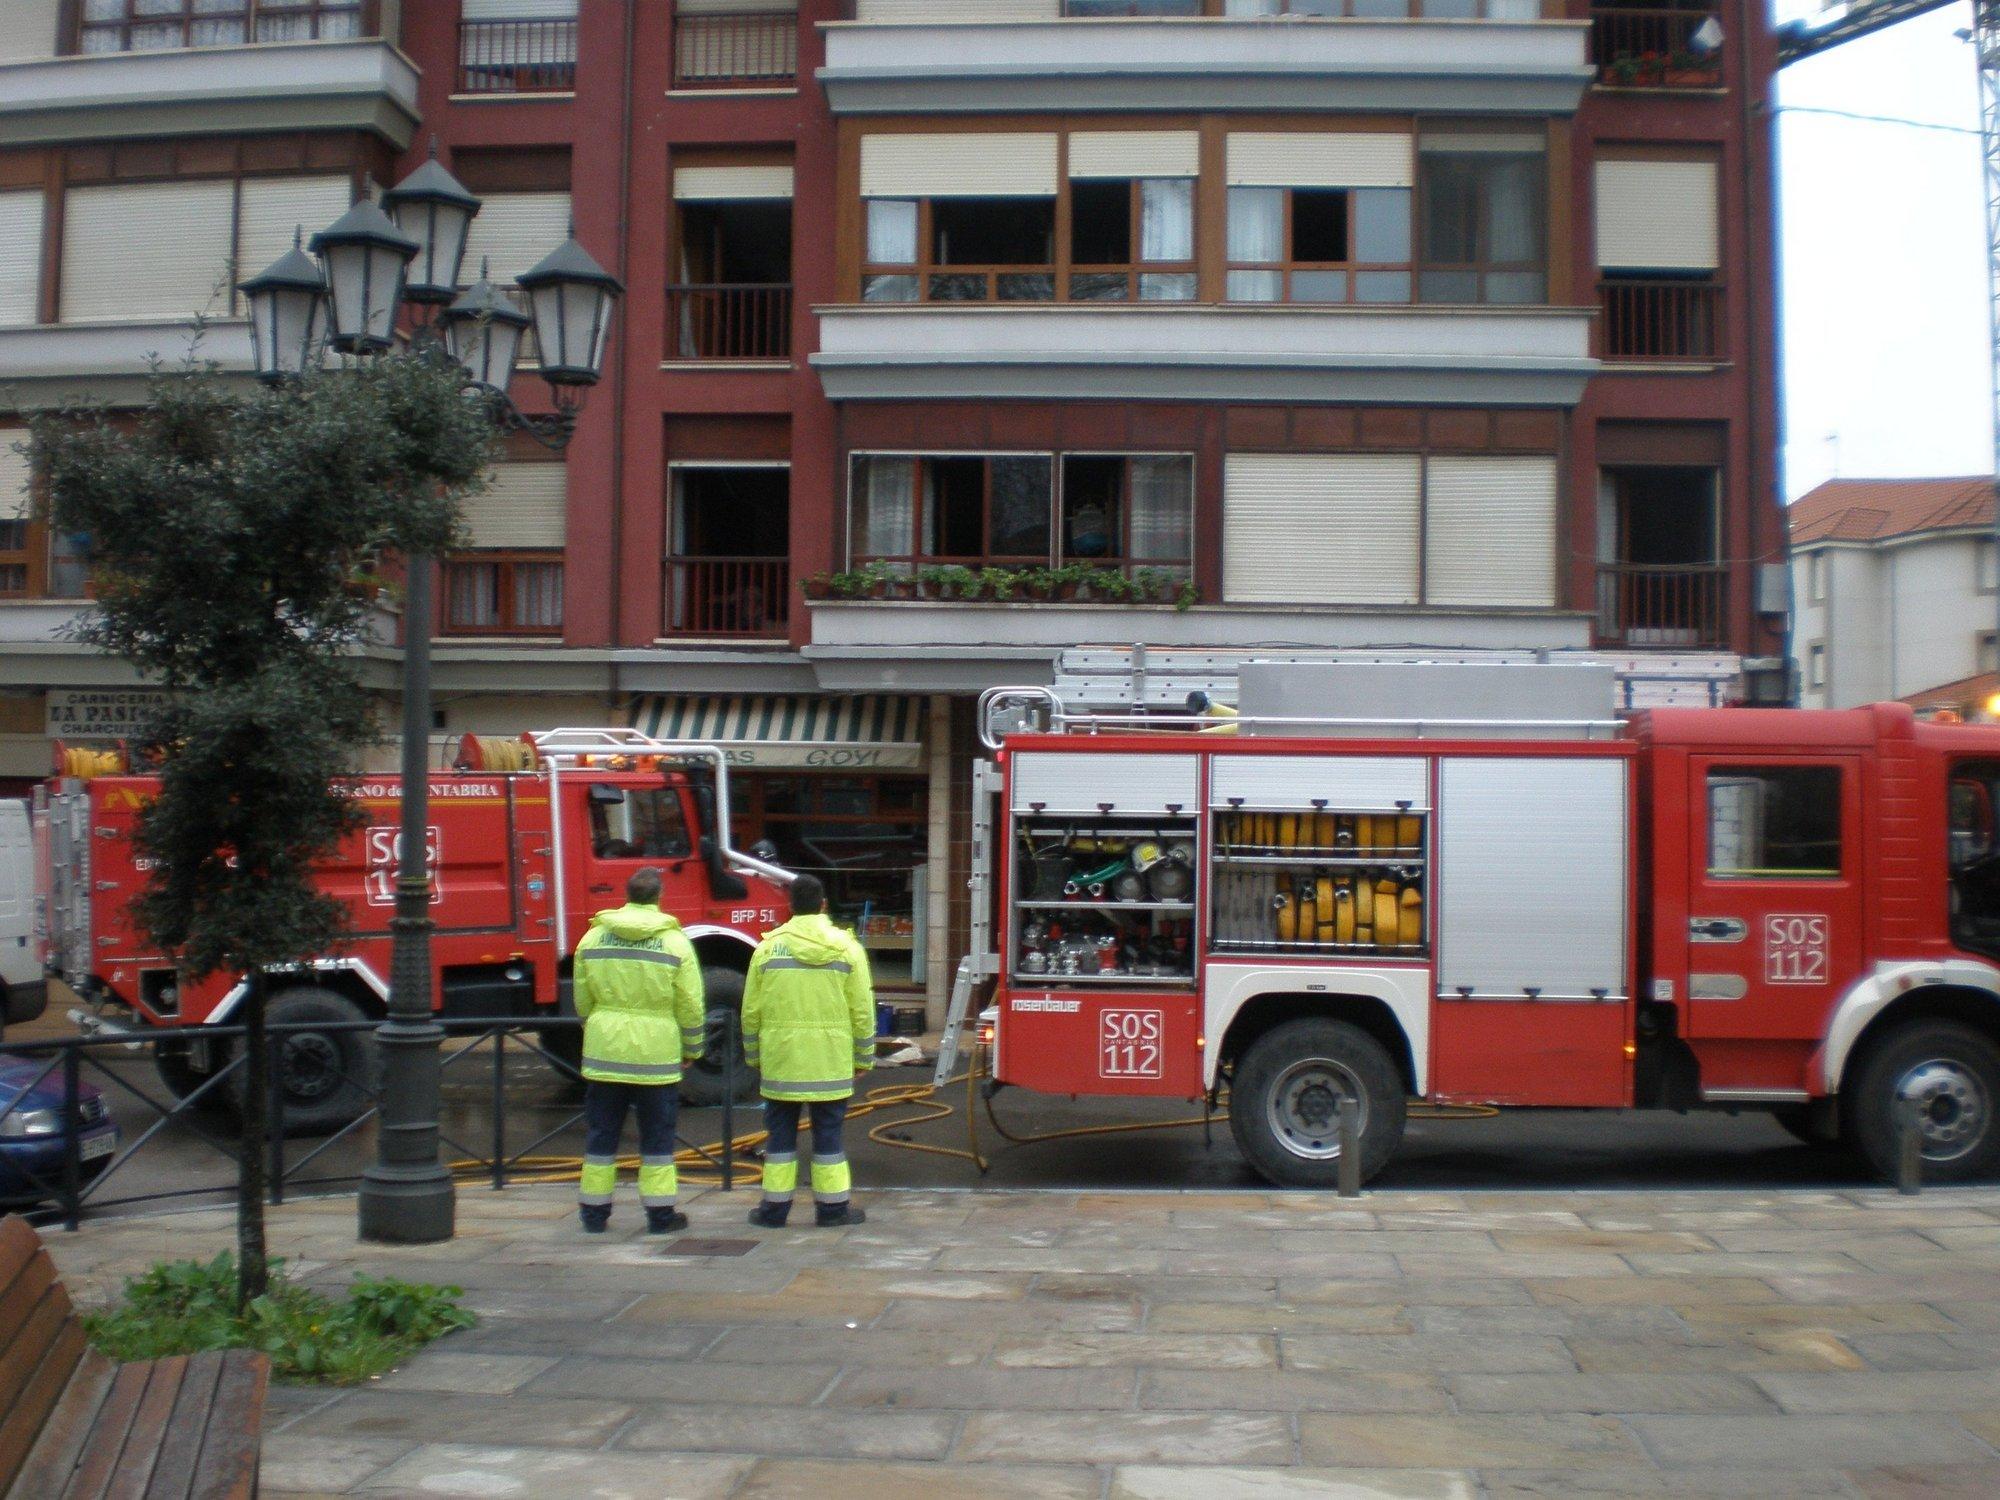 Bomberos del 112 de Villacarriedo rescatan a una pareja atrapada por el humo al incendiarse su piso en Selaya